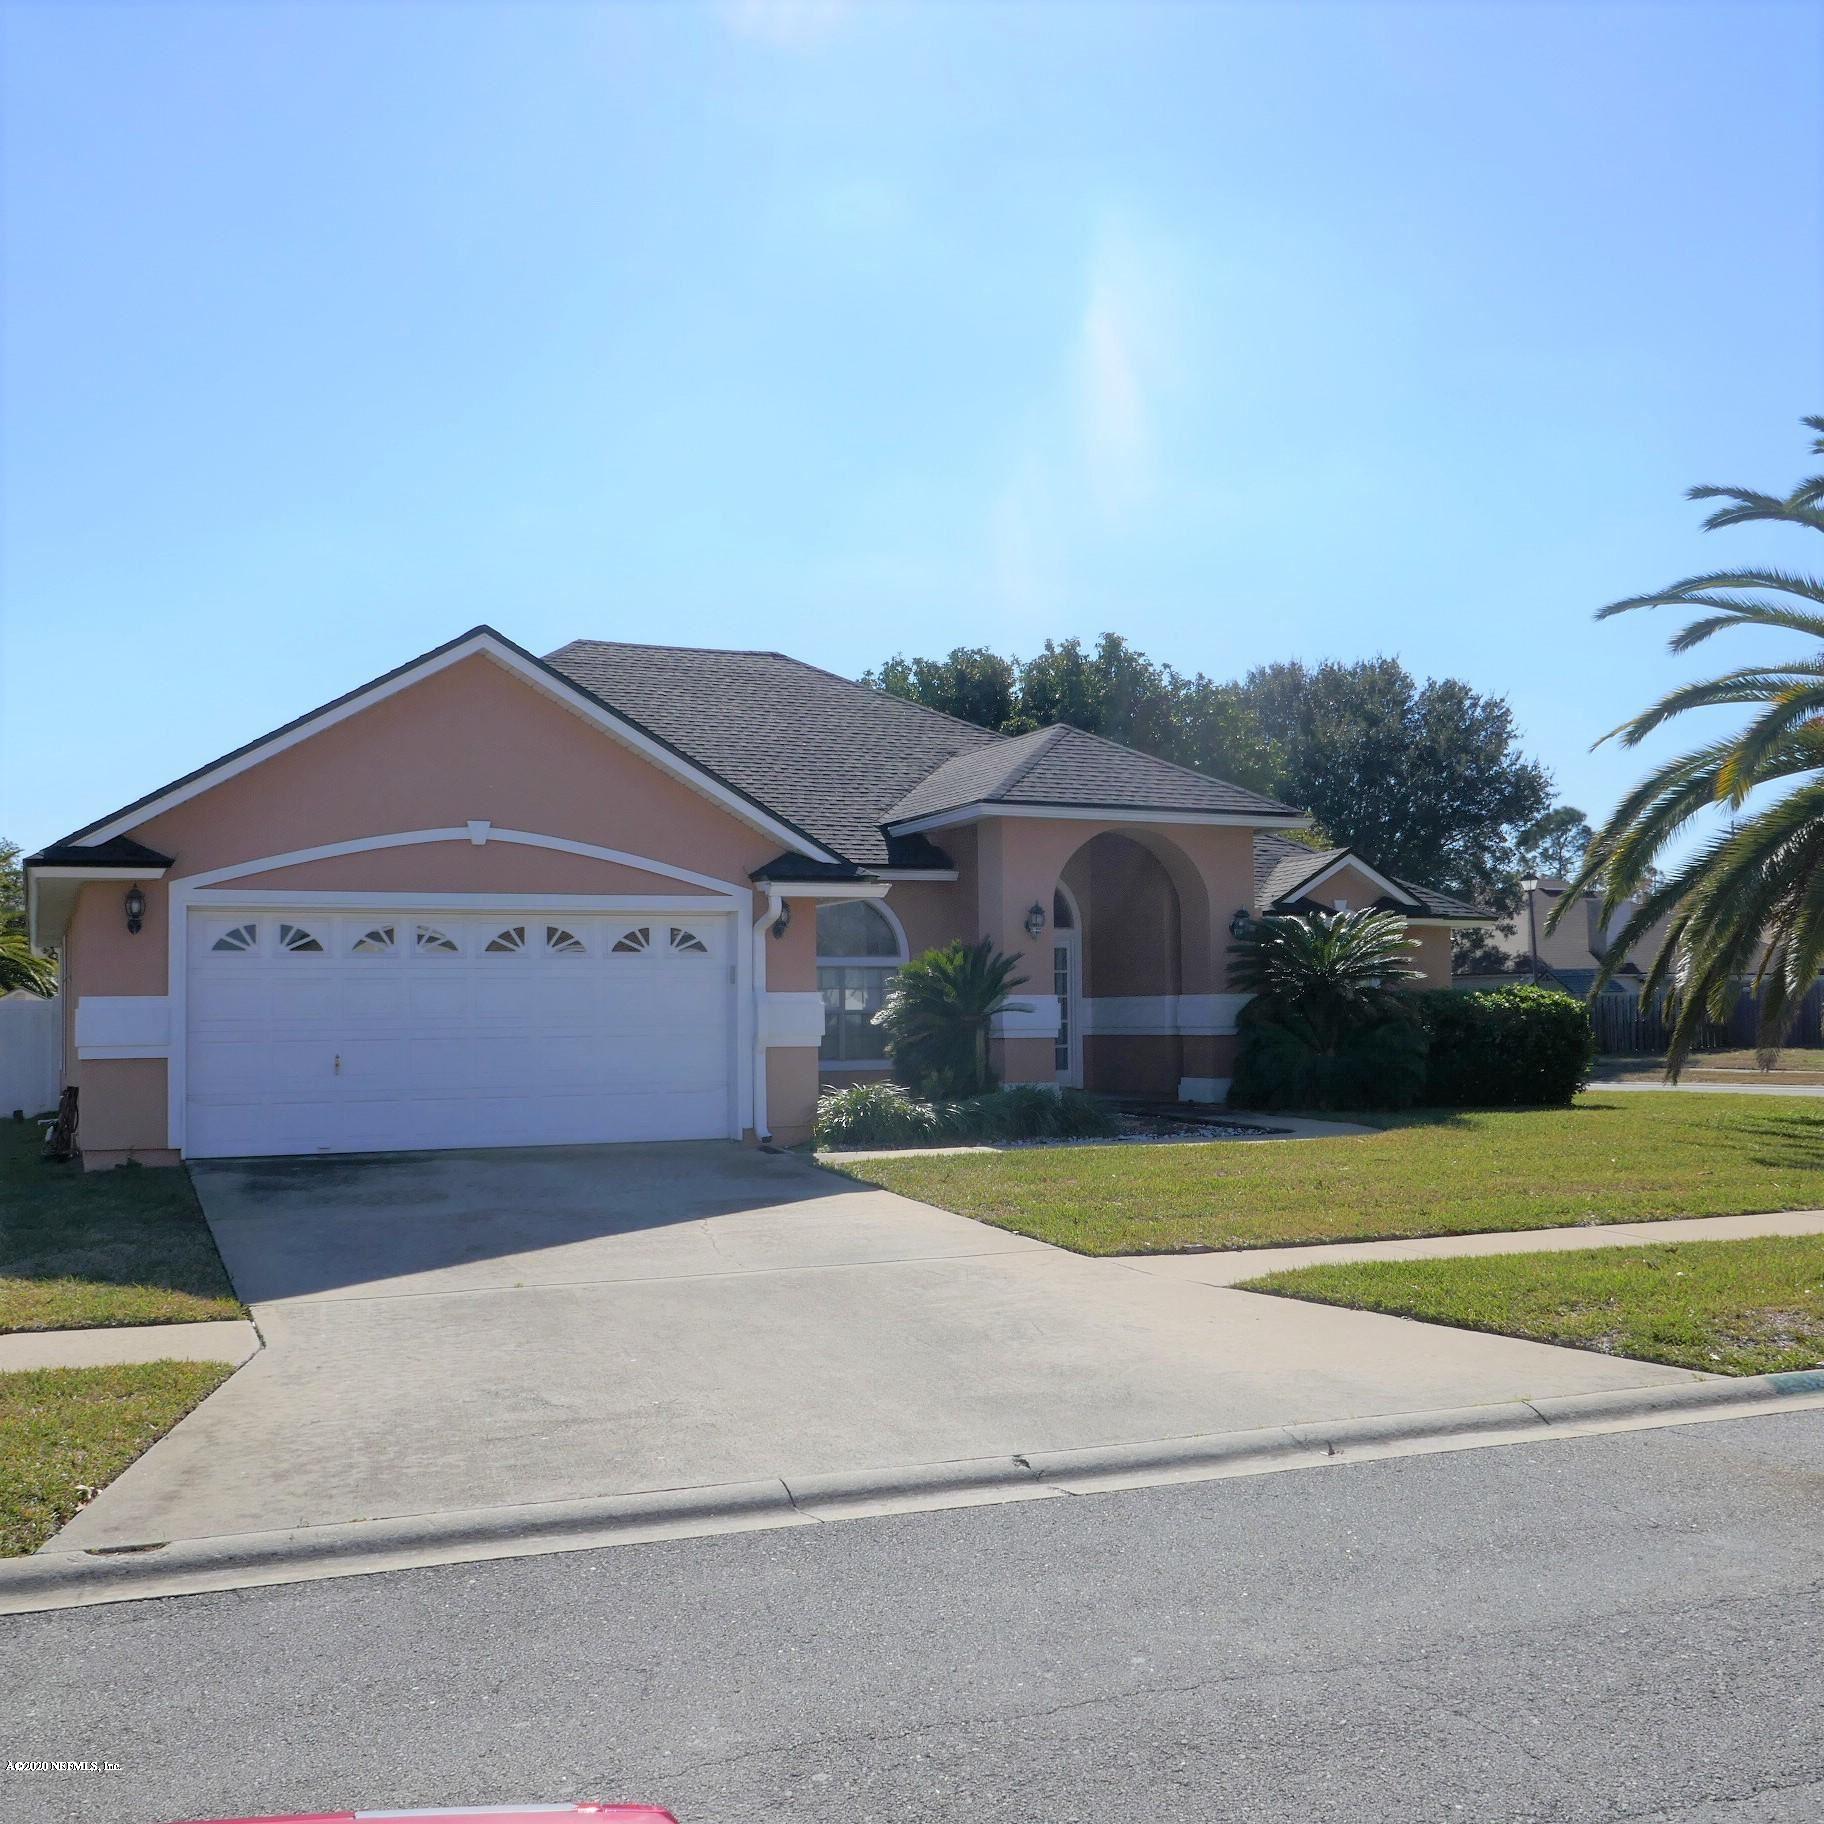 12330 YORK HARBOR DR #Unit No: 2 Lot No: 3, Jacksonville, FL 32225 - #: 1041851